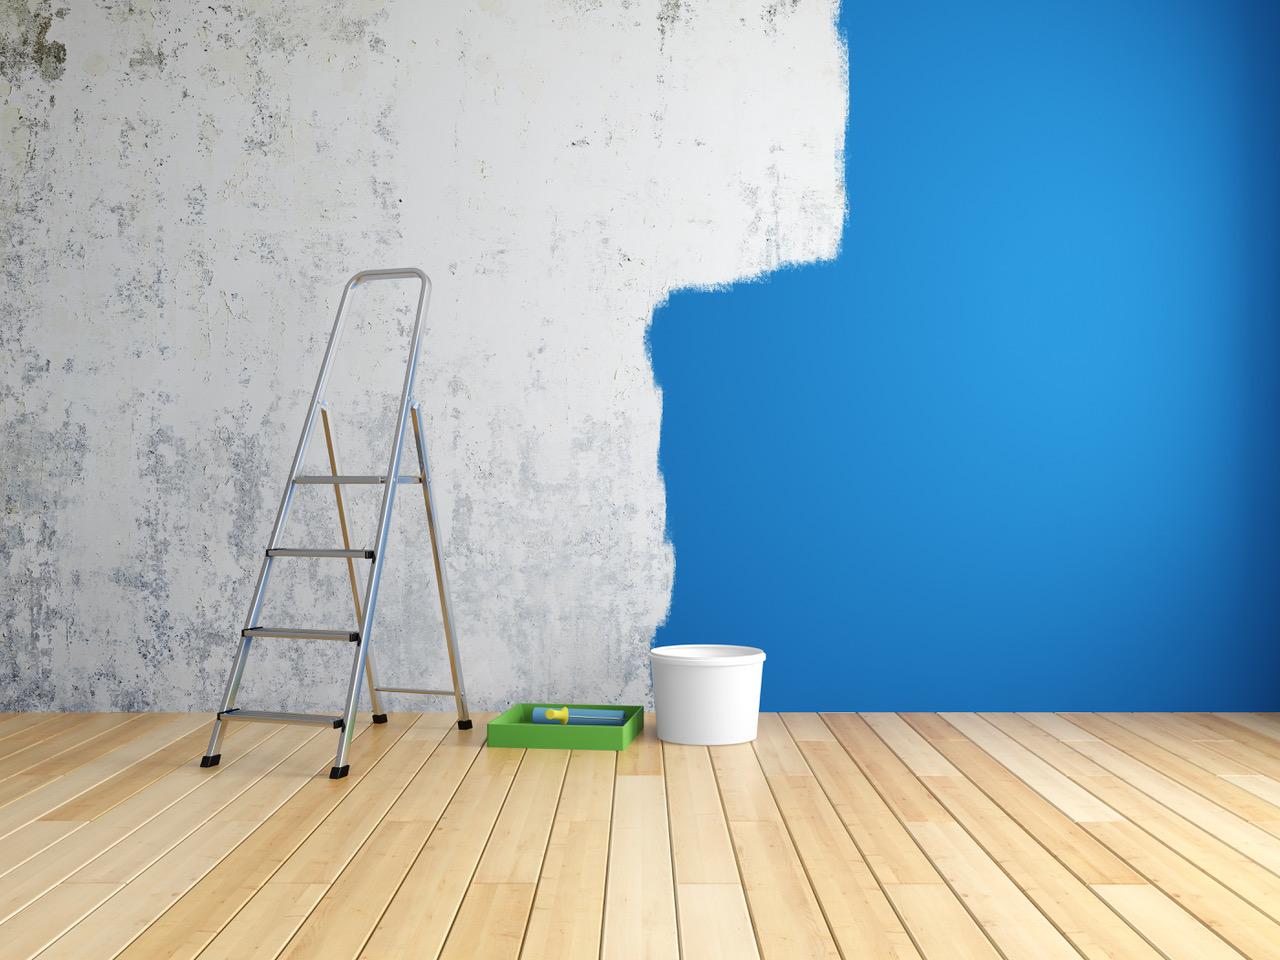 Как отремонтировать квартиру за счет управляющей компании